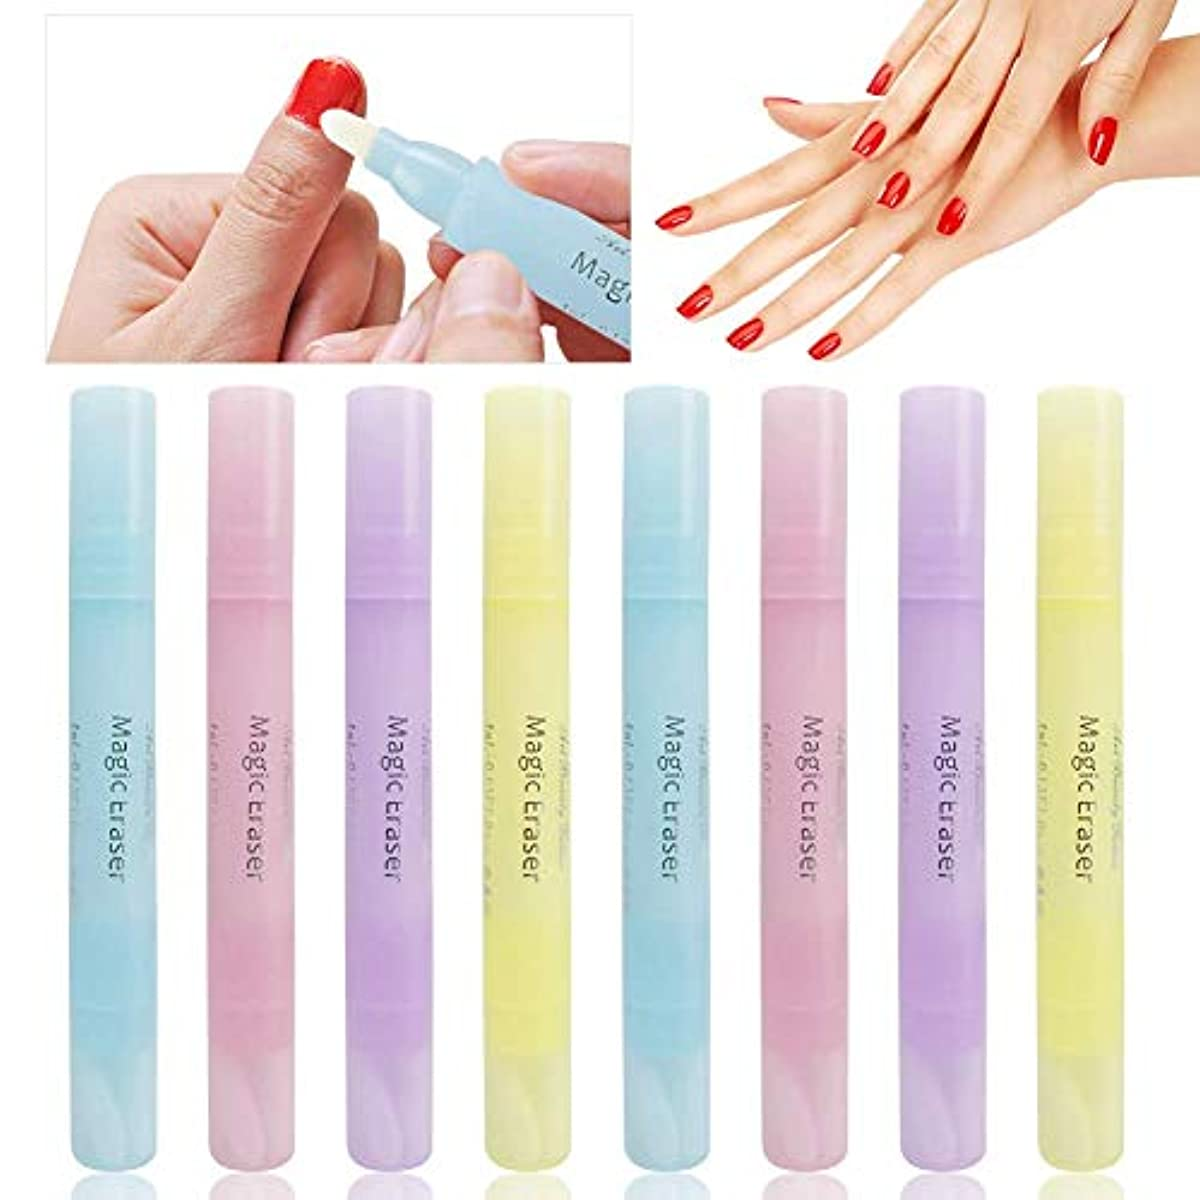 の面ではどうやら松の木AUGOOG 8個入 ネイルリムーバーペン ネイルポリッシュ修正ペン 携帯便利 ネイルアートツール ネイルコレクター 化粧用 4色 女性用